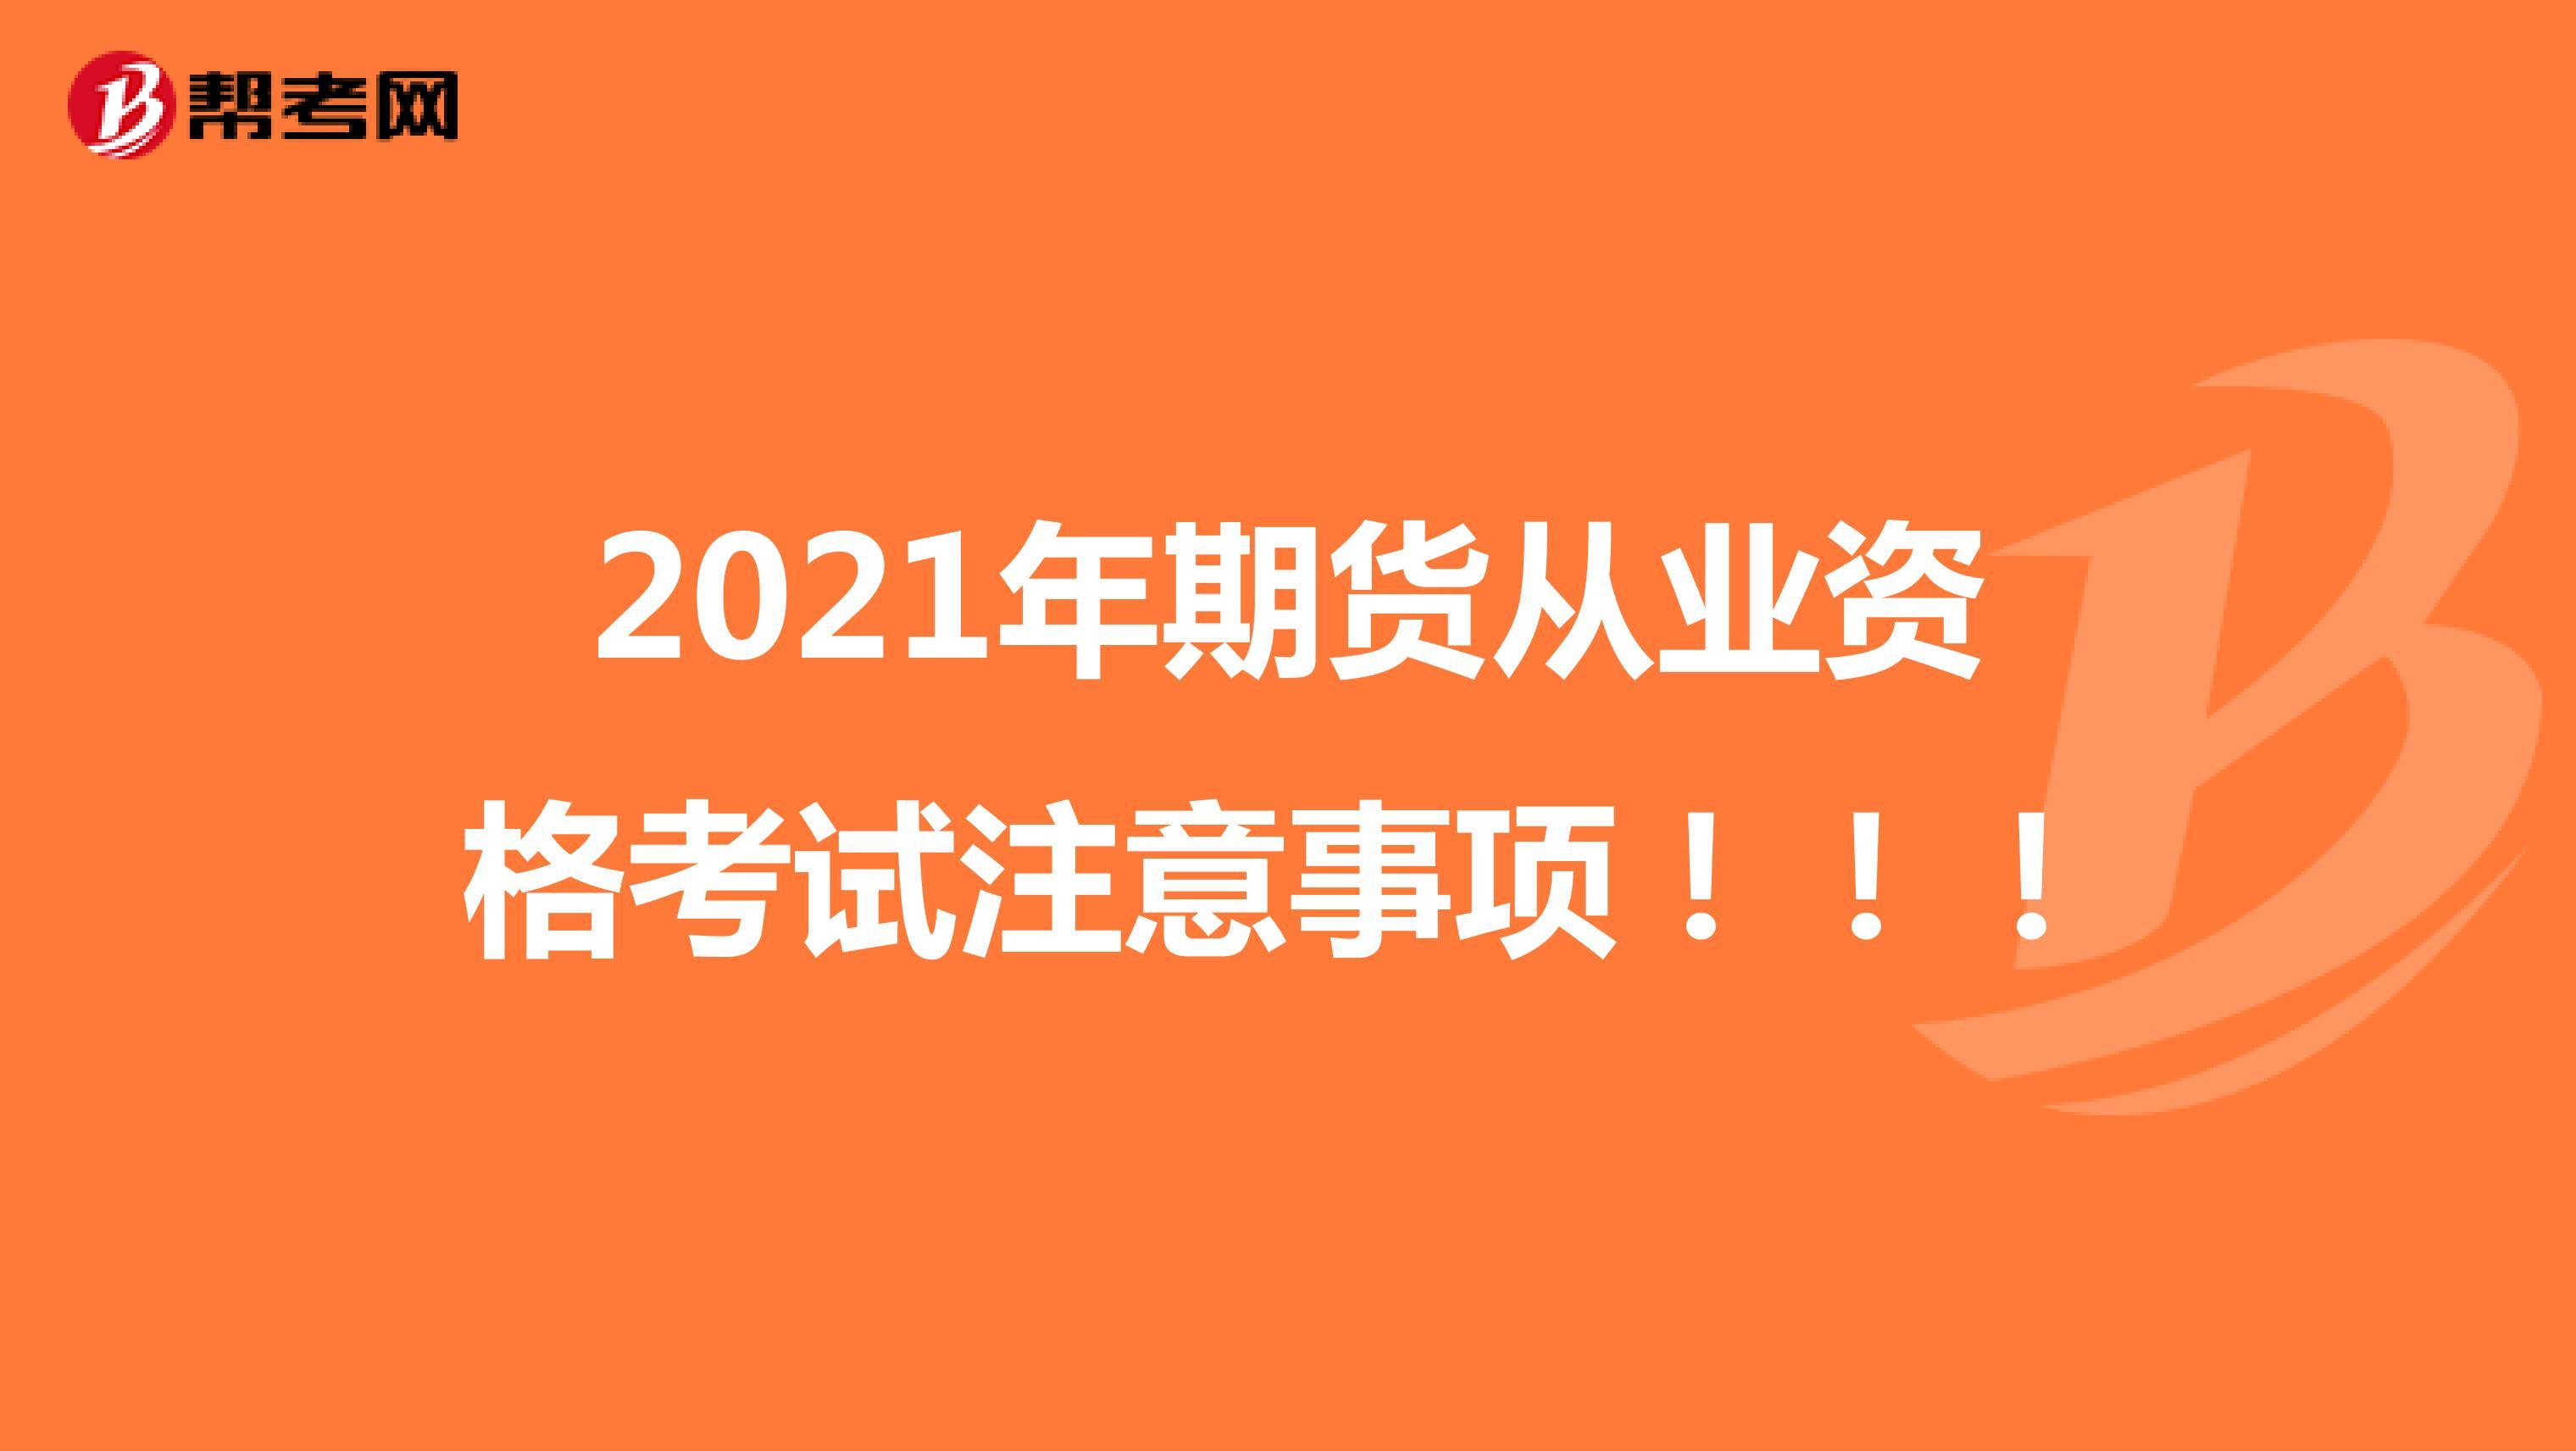 2021年热竞技吧:期货从业资格考试注意事项!!!